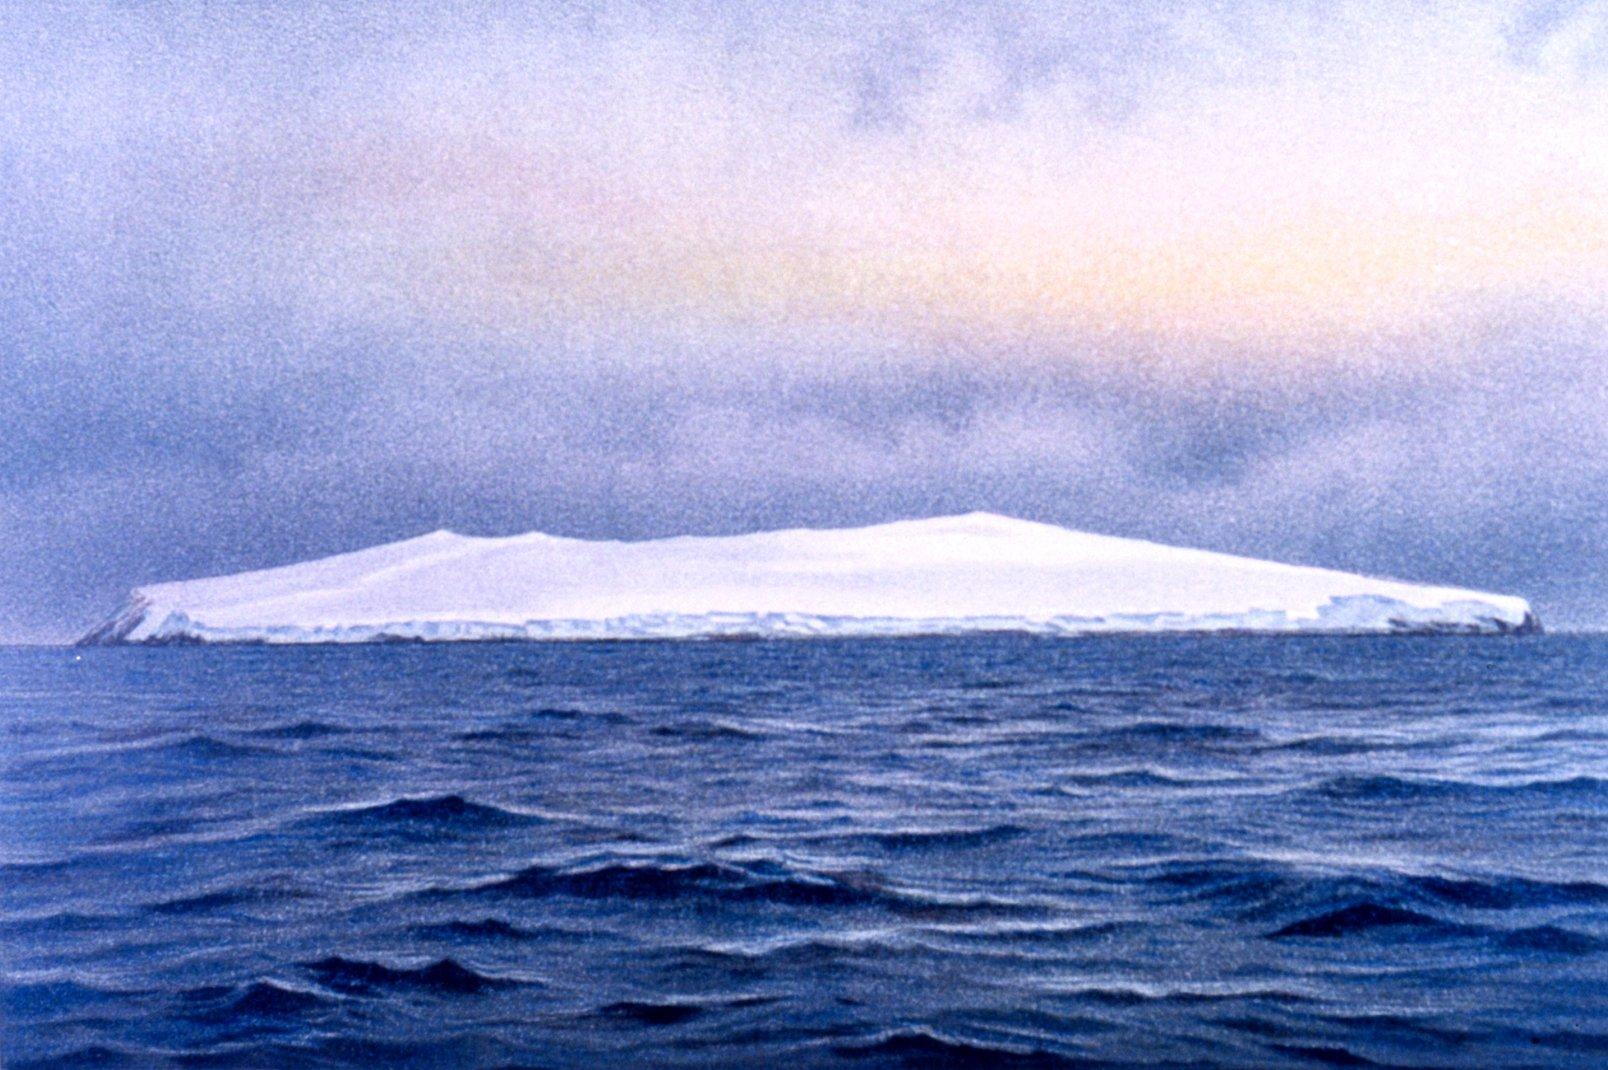 bouvet island - wikipedia